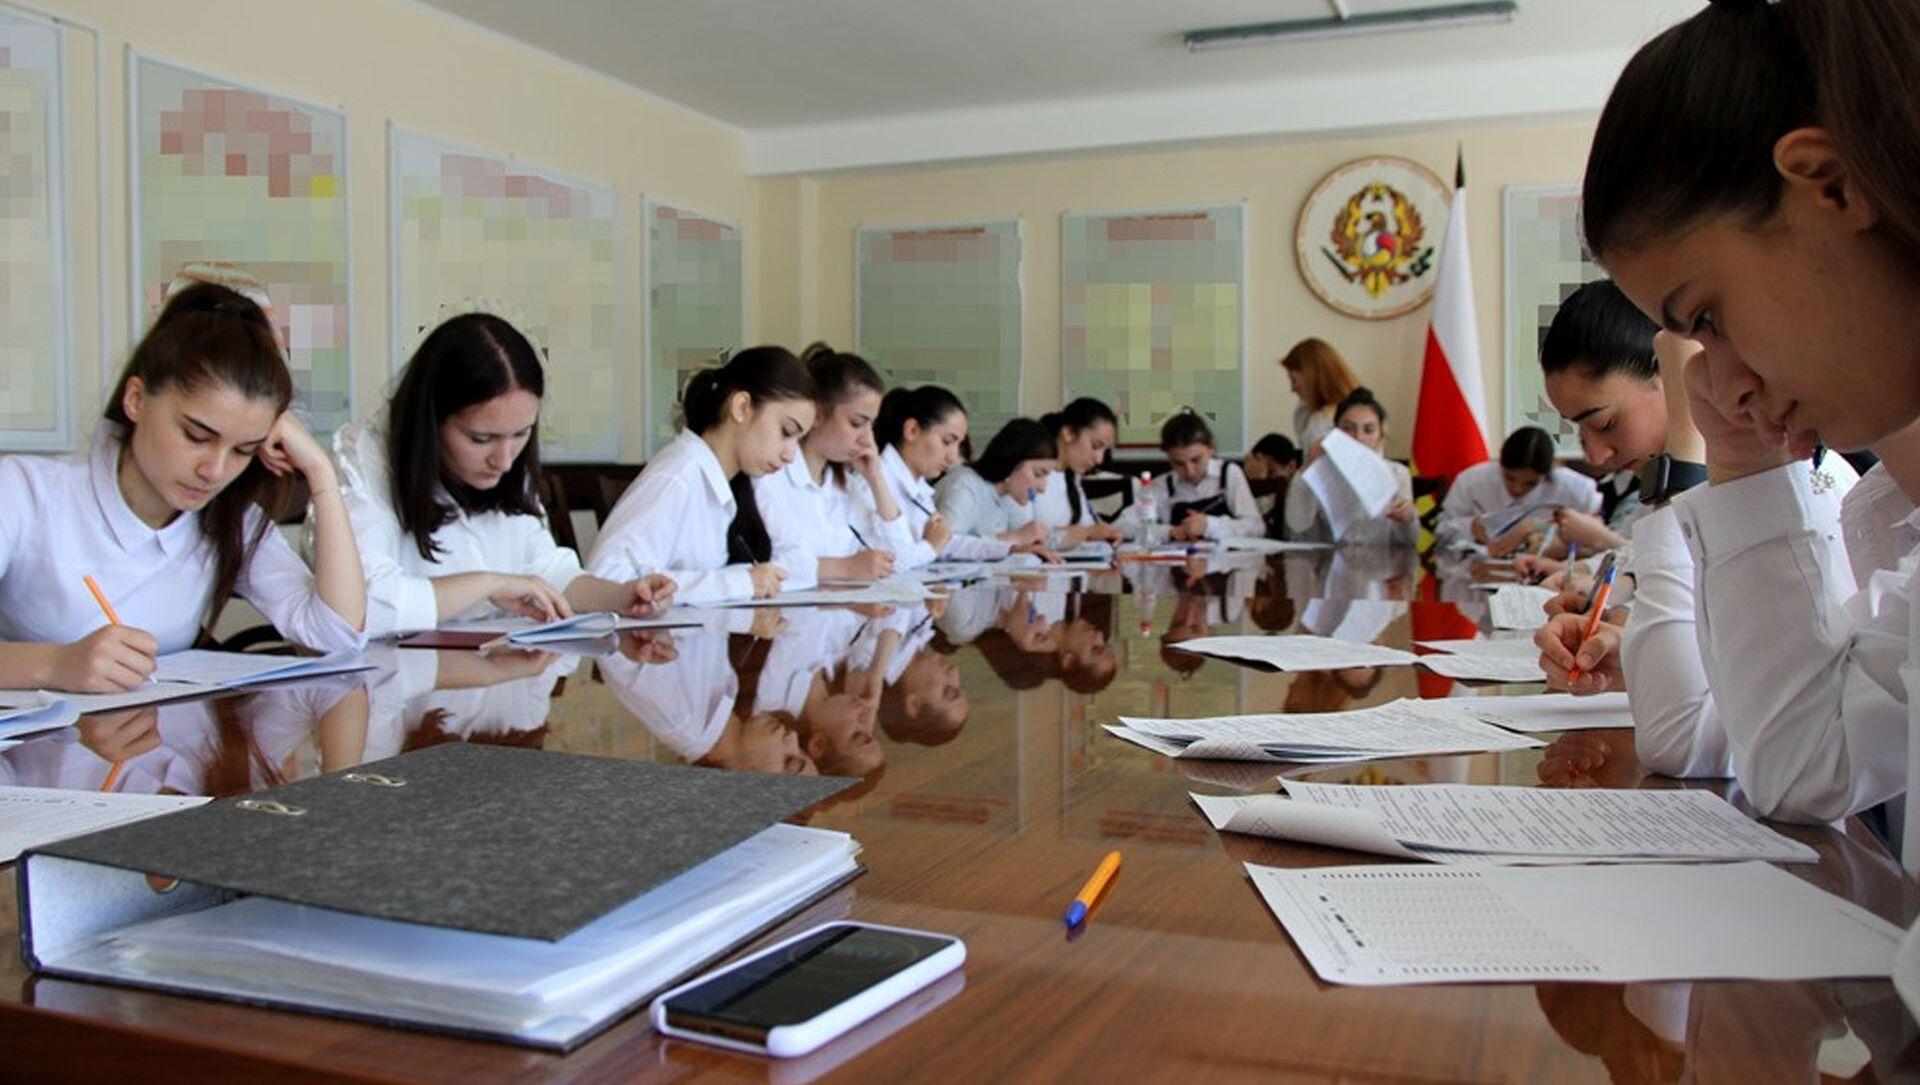 Югоосетинские абитуриенты военных ВУЗов Минобороны РФ проходят психологическое тестирование - Sputnik Южная Осетия, 1920, 27.05.2021